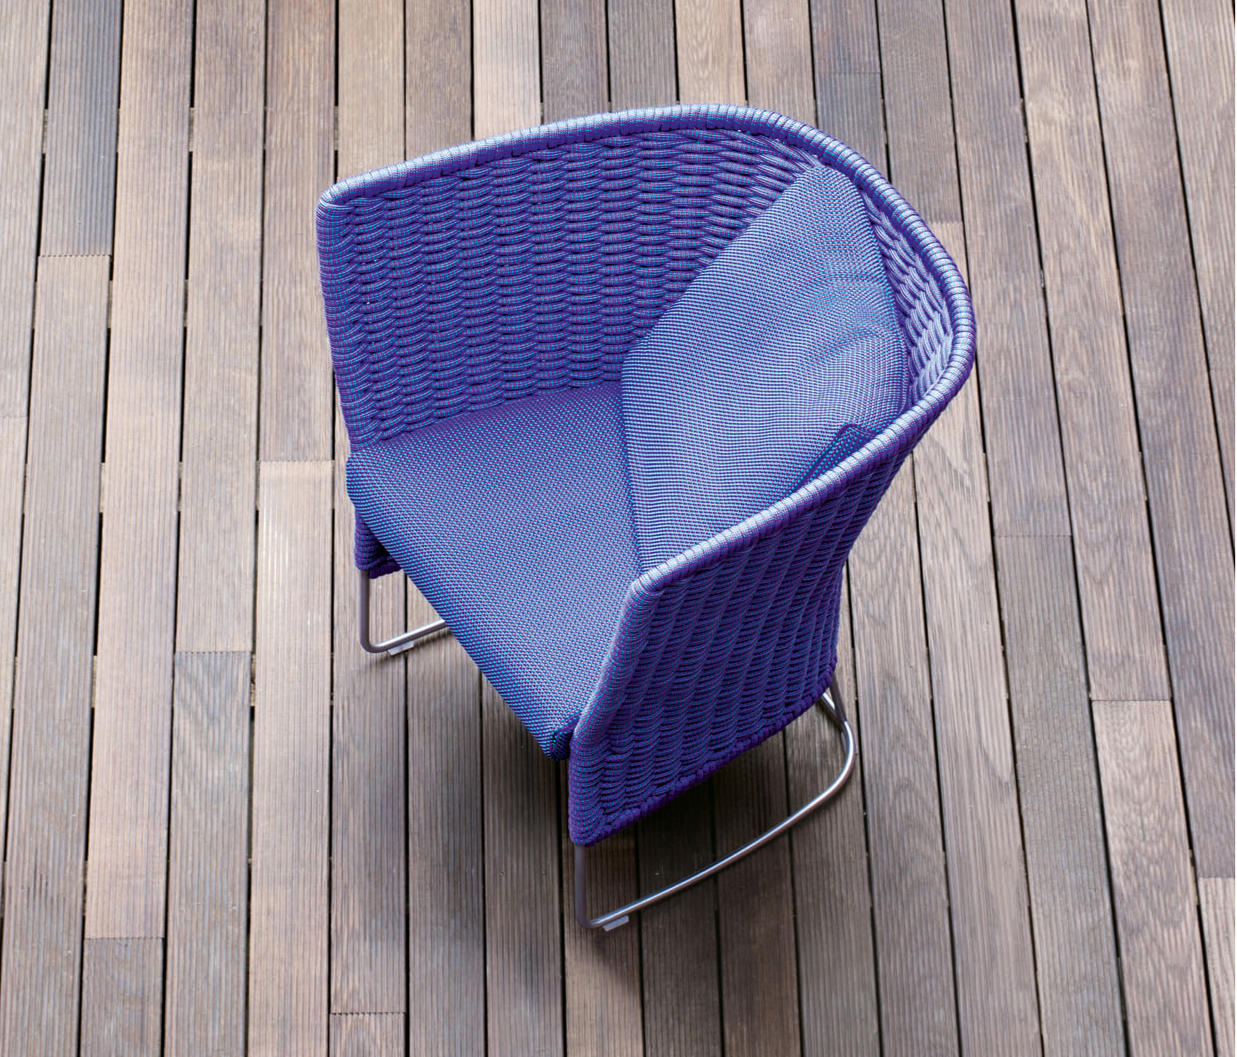 AMI OUTDOOR | CHAIR - Gartenstühle von Paola Lenti | Architonic